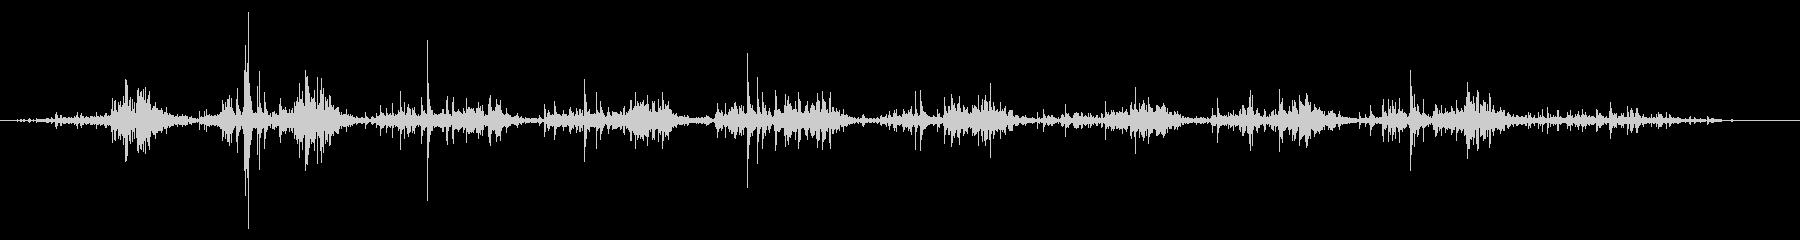 タブレッド菓子出す音・振る音15の未再生の波形